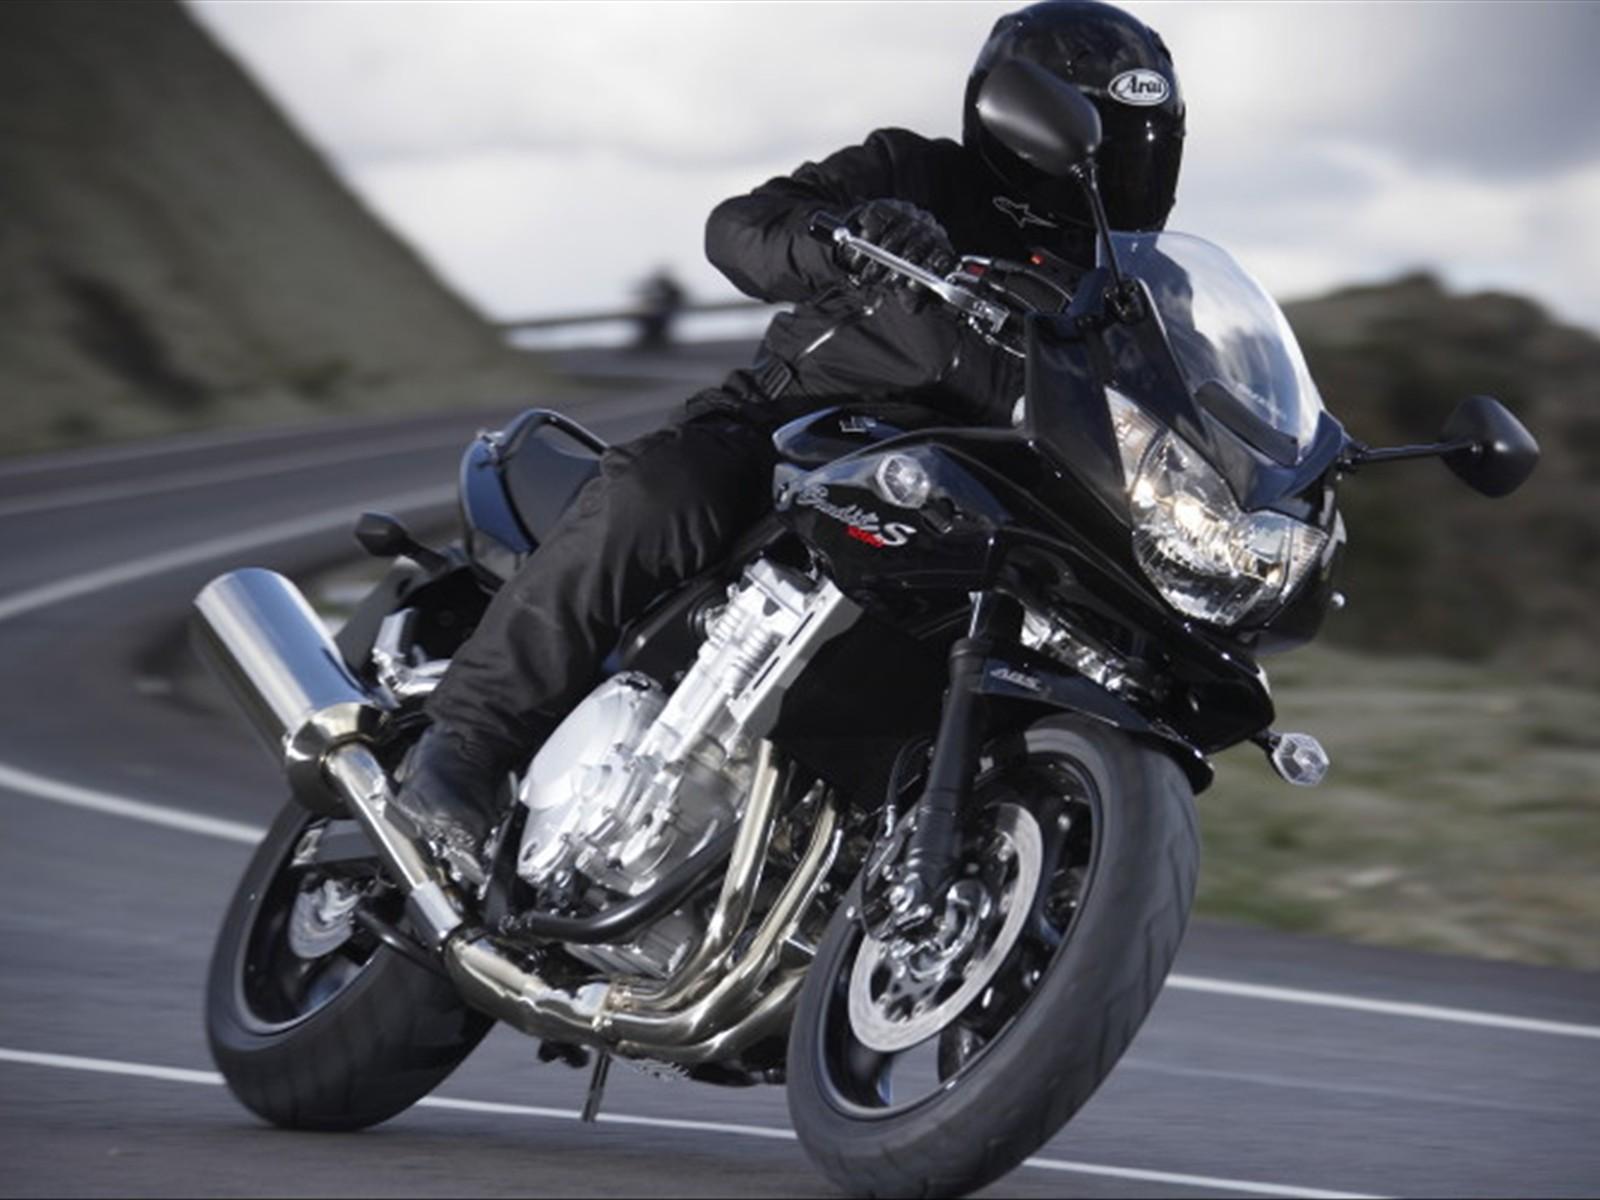 2012 suzuki bandit 1250s monster killer bikes motorboxer. Black Bedroom Furniture Sets. Home Design Ideas